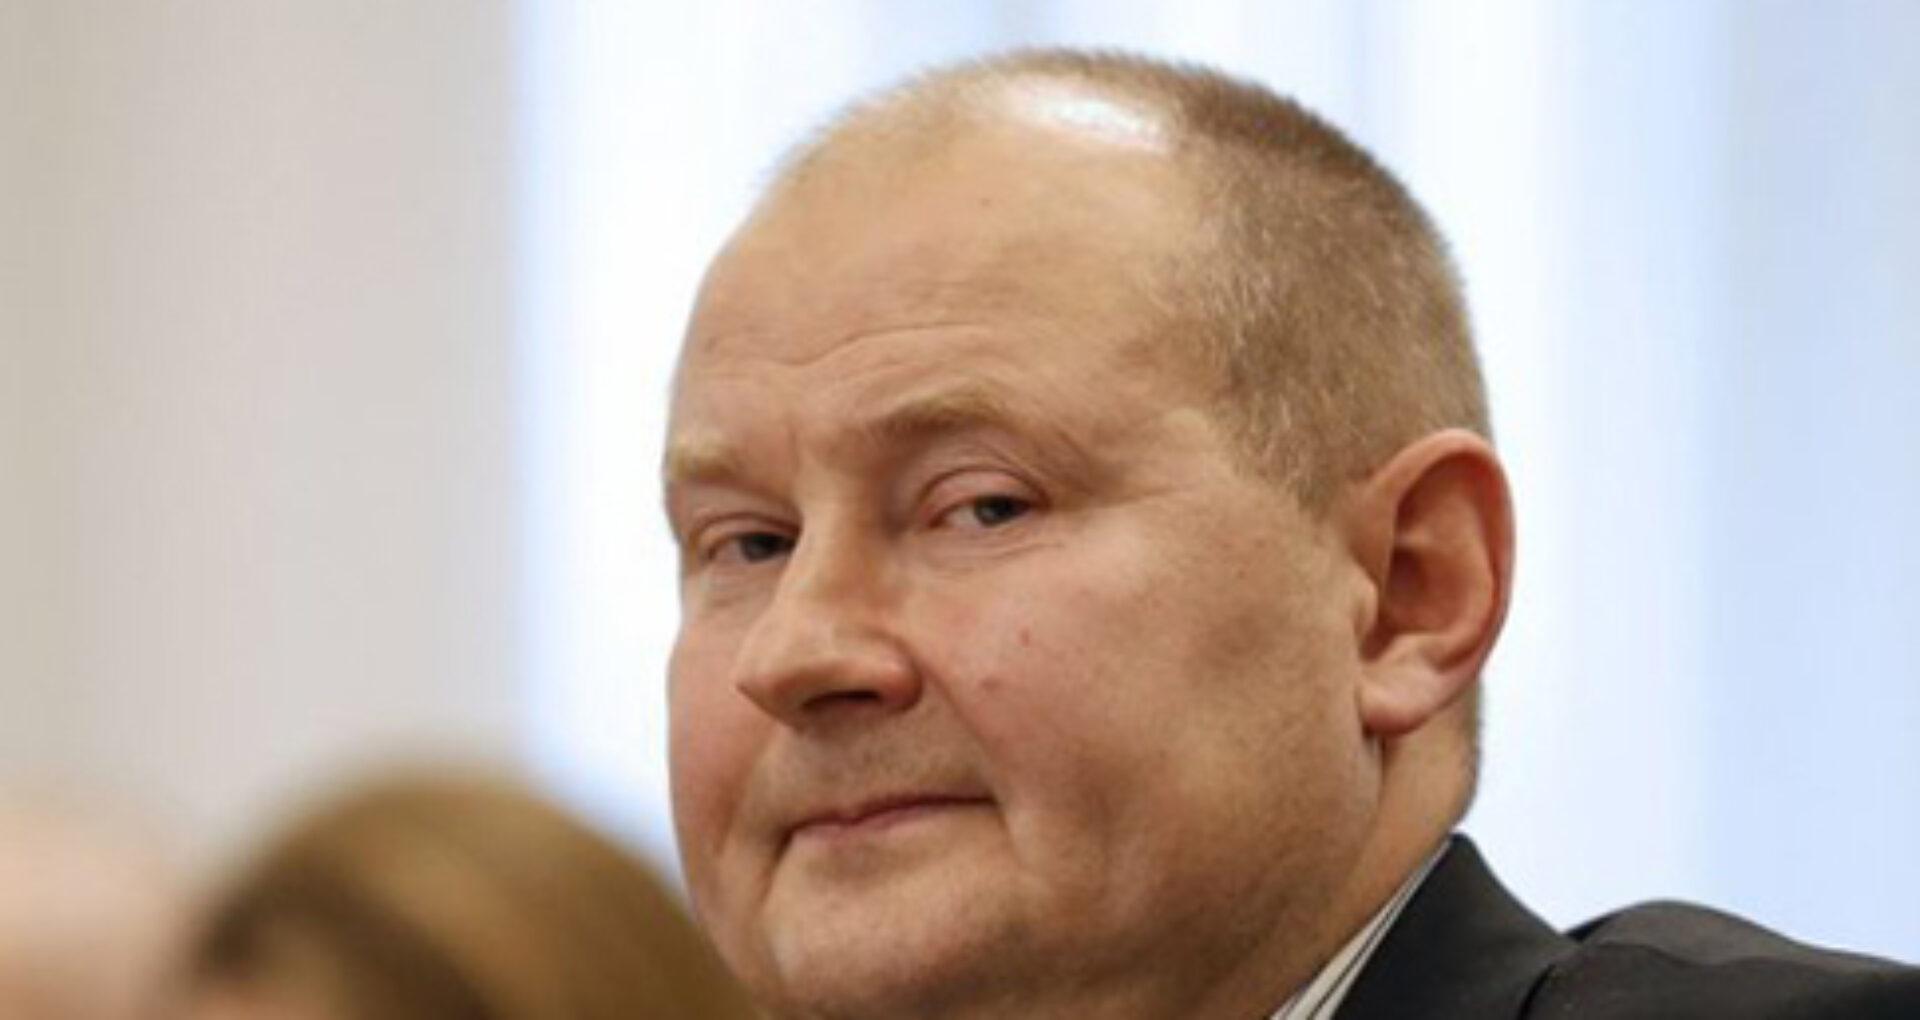 Serviciul de Securitate al Ucrainei anunță că Nicolai Ceaus primește asistența medicală necesară, după ce o perioadă îndelungată a fost lipsit de libertate